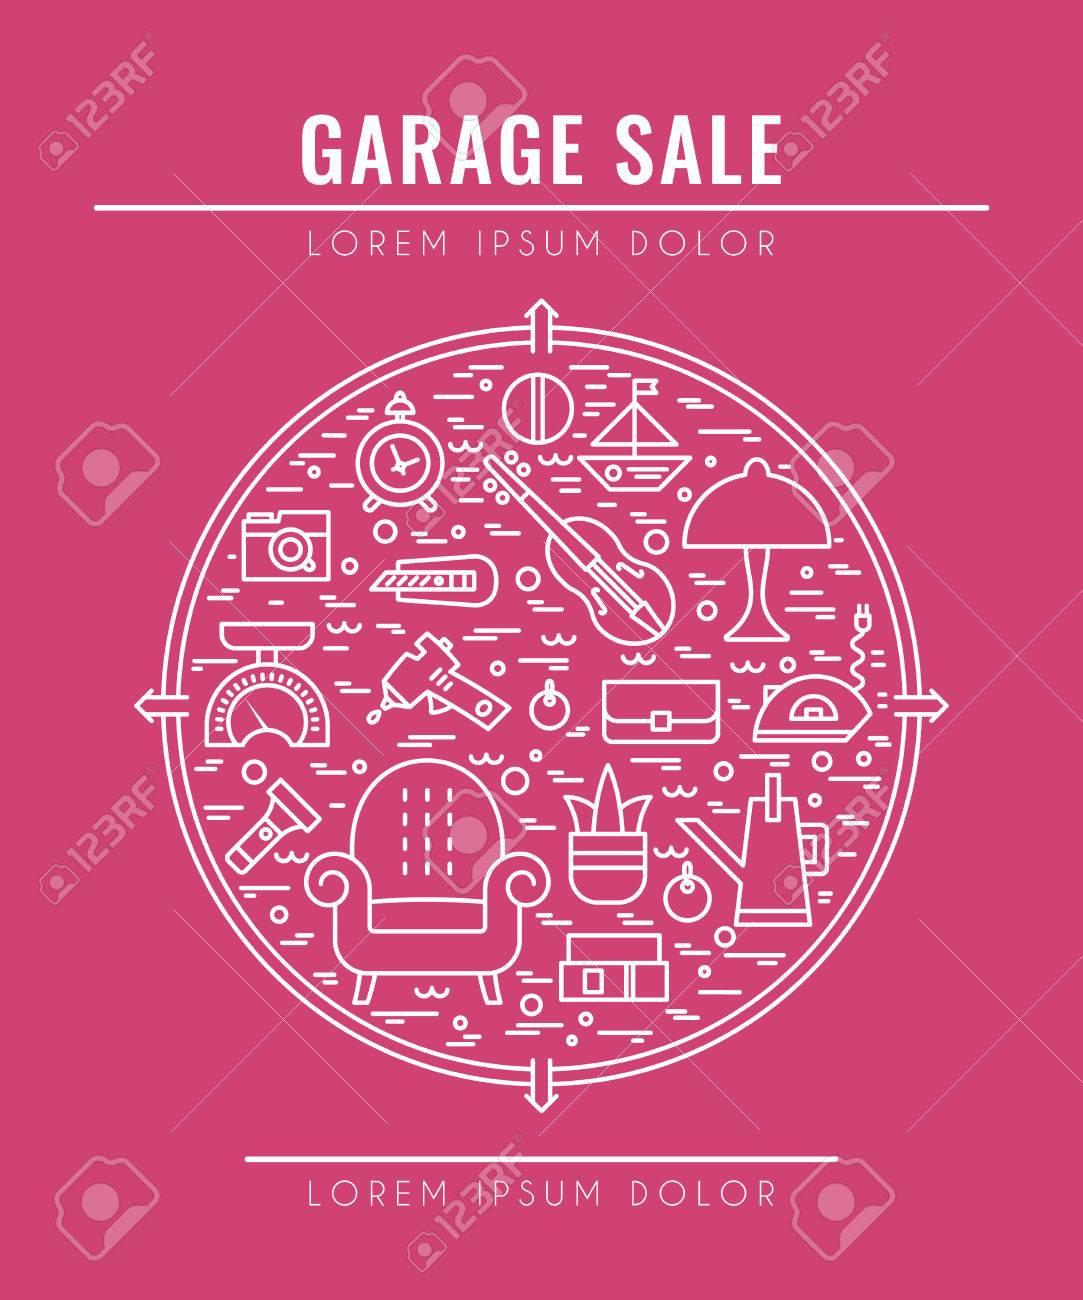 英文ガレージ セール ポスター。ポスター、バナー、チラシのテンプレート